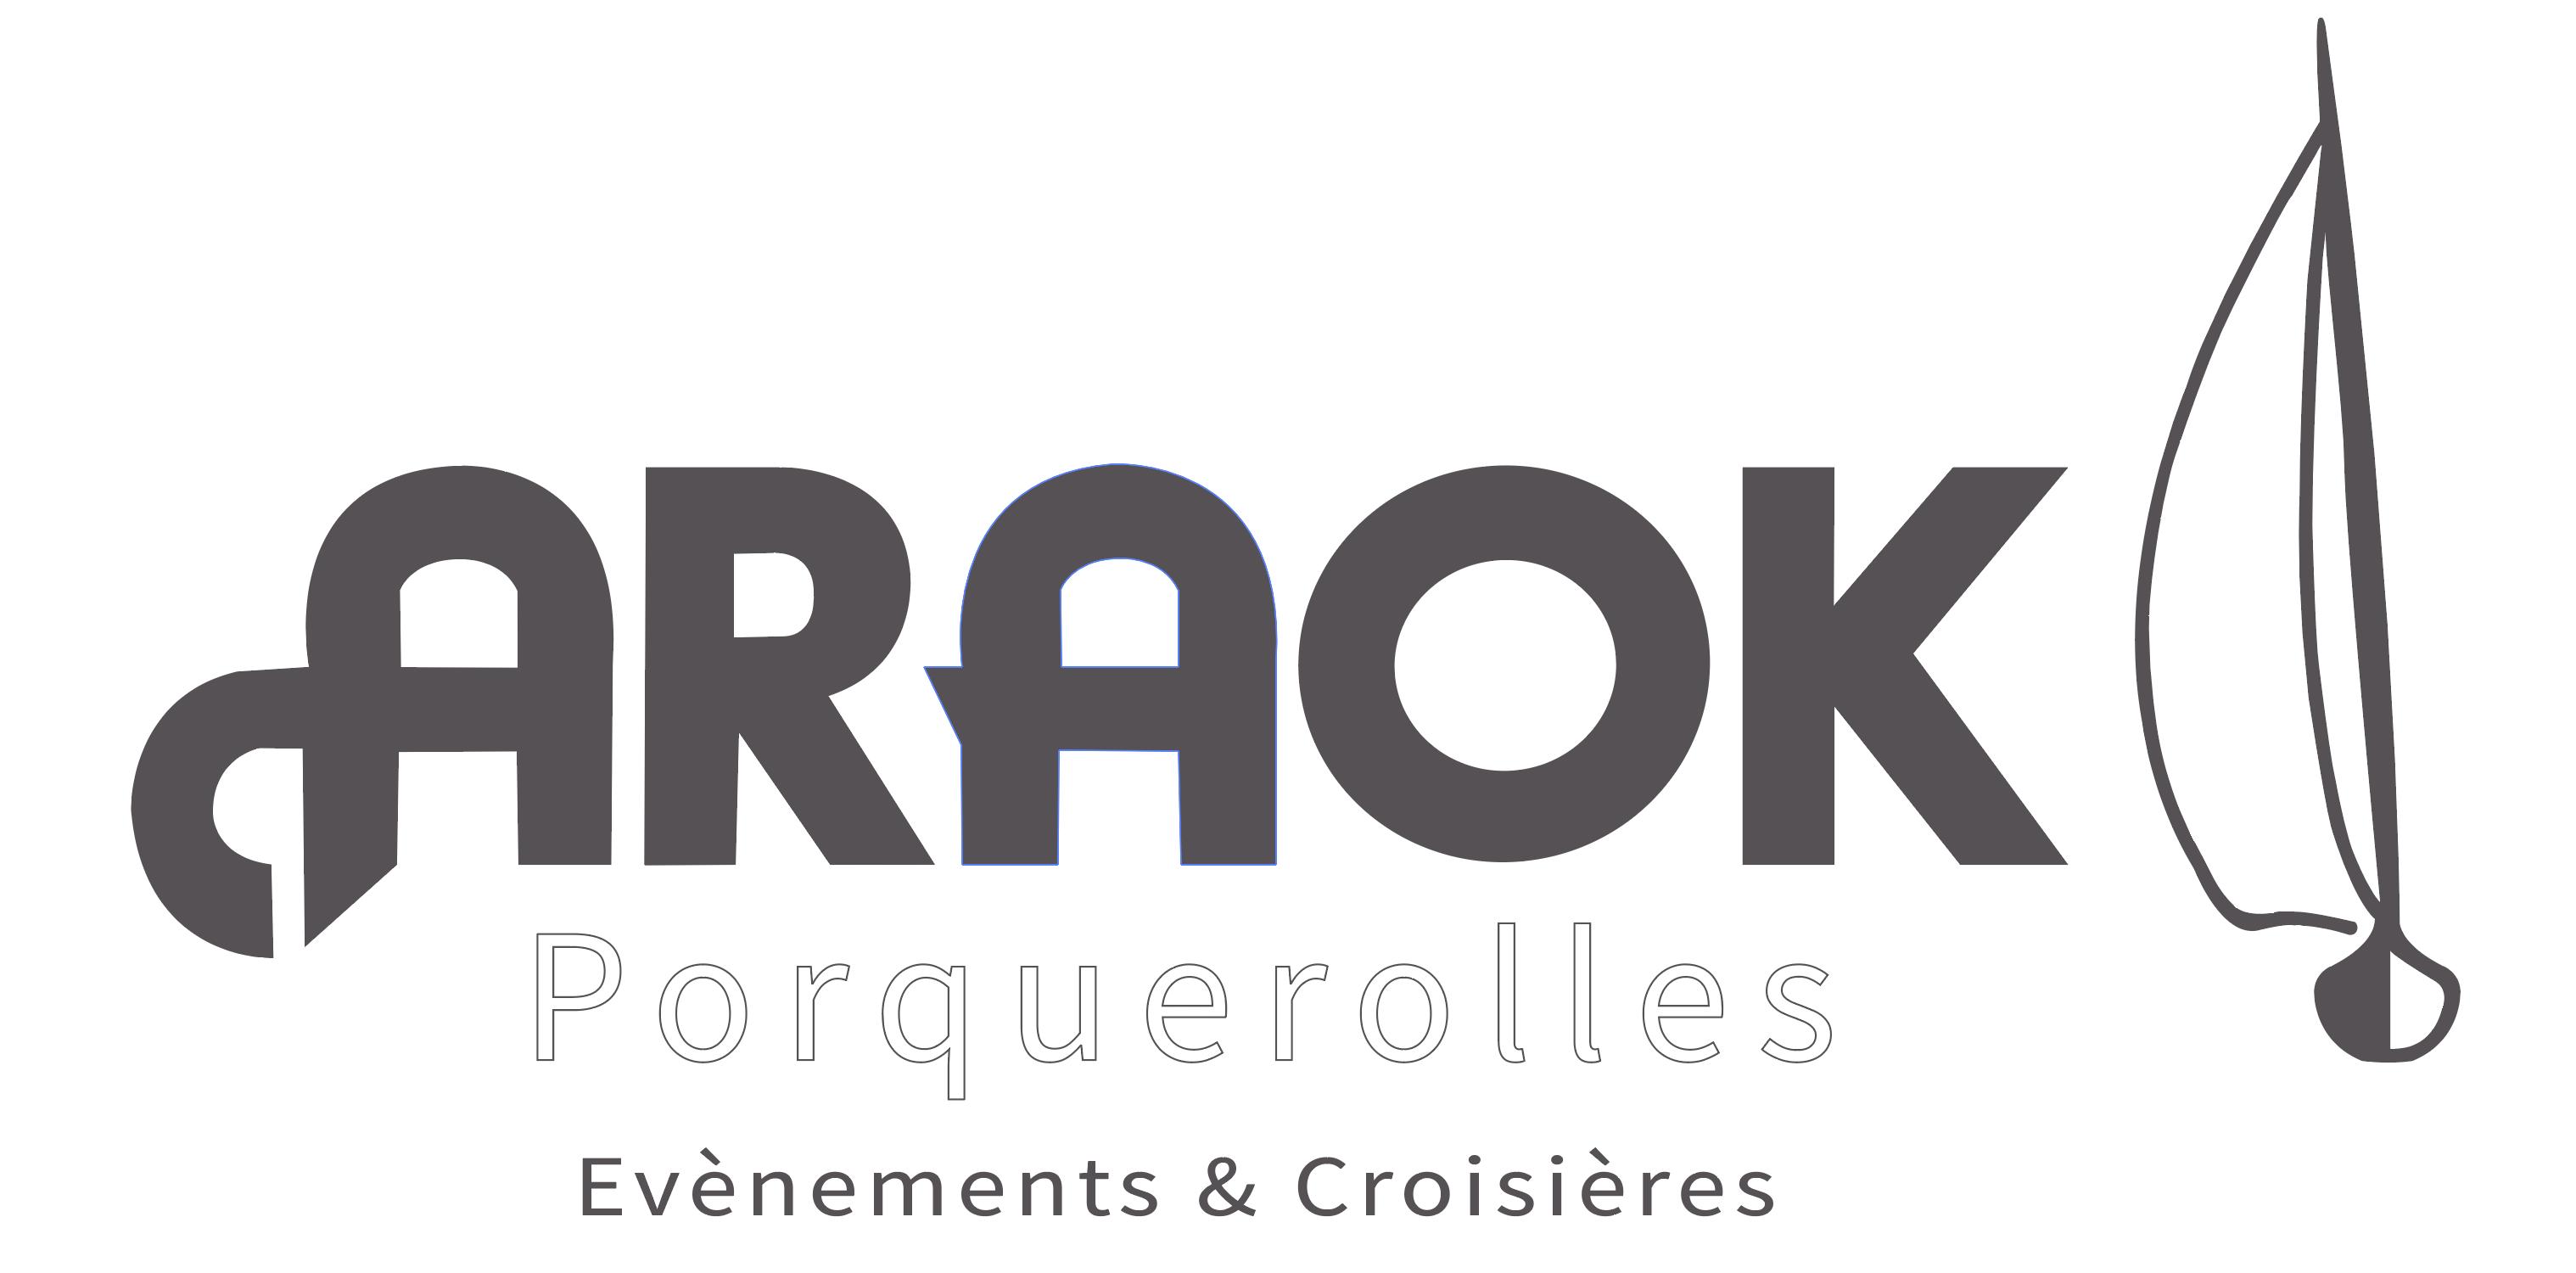 Croisières Méditerranée voilier ARAOK et régates corporates